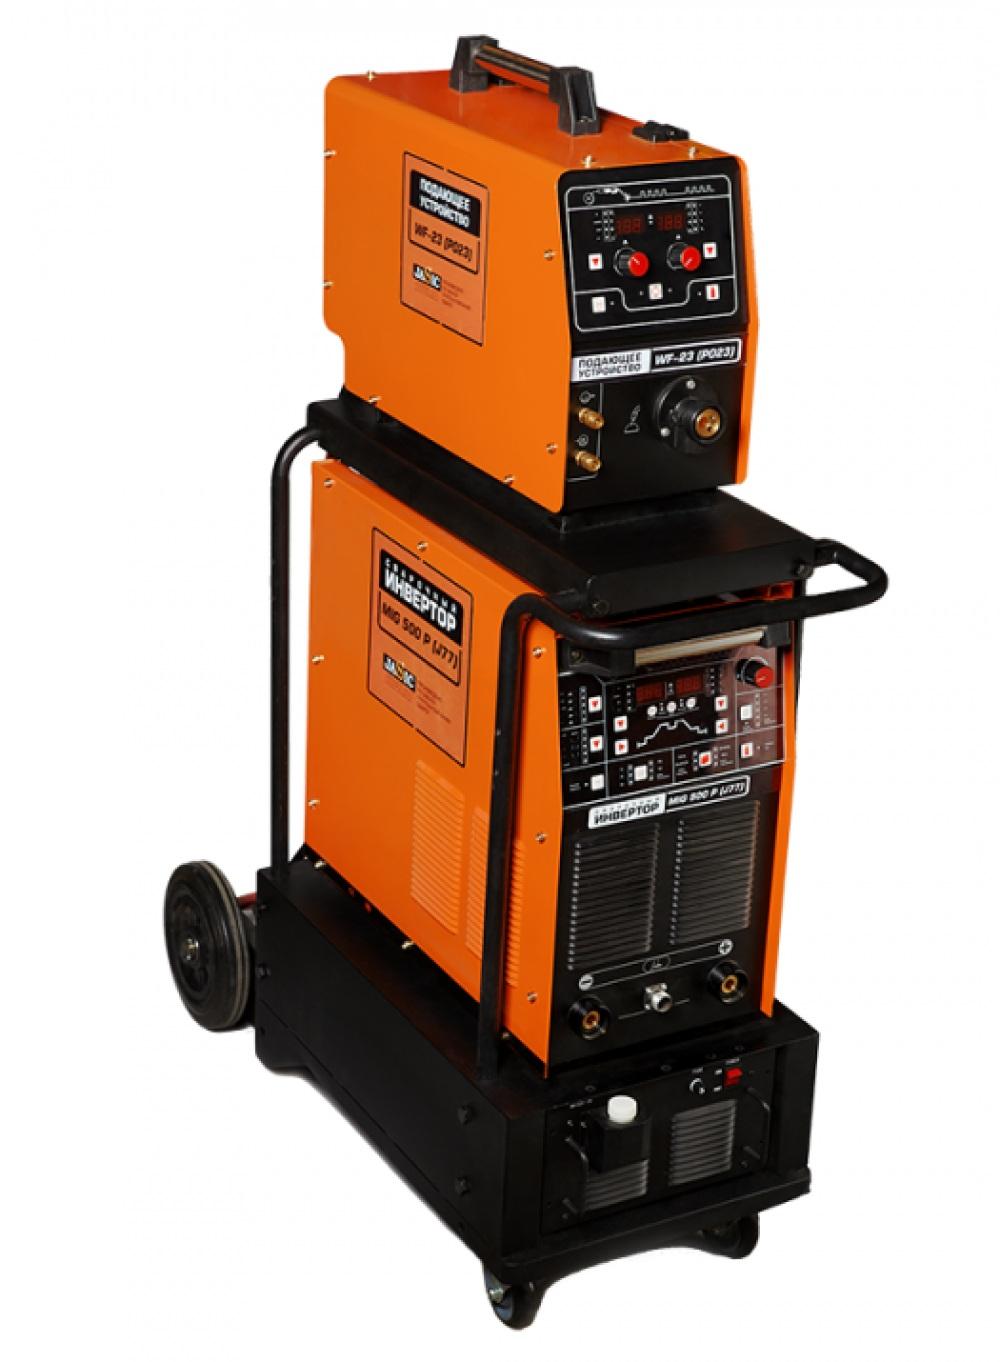 Сварочный полуавтомат СВАРОГСварочное оборудование<br>Макс. сварочный ток: 500,<br>Мощность: 23400,<br>Мощность полная: 23400,<br>Напряжение: 380,<br>Мин. входное напряжение: 323,<br>Выходной ток: 30-500,<br>Напряжение холостого хода: 73,<br>Потребляемый ток: 37.5,<br>Мин. диаметр проволоки: 0.8,<br>Макс. диаметр проволоки: 1,<br>Тип сварочного аппарата: инверторный,<br>Тип сварки: комби (MIG/MAG/MMA/TIG),<br>Инверторная технология: есть,<br>Три фазы: есть,<br>Поставляется в: коробке,<br>Вес нетто: 26<br>